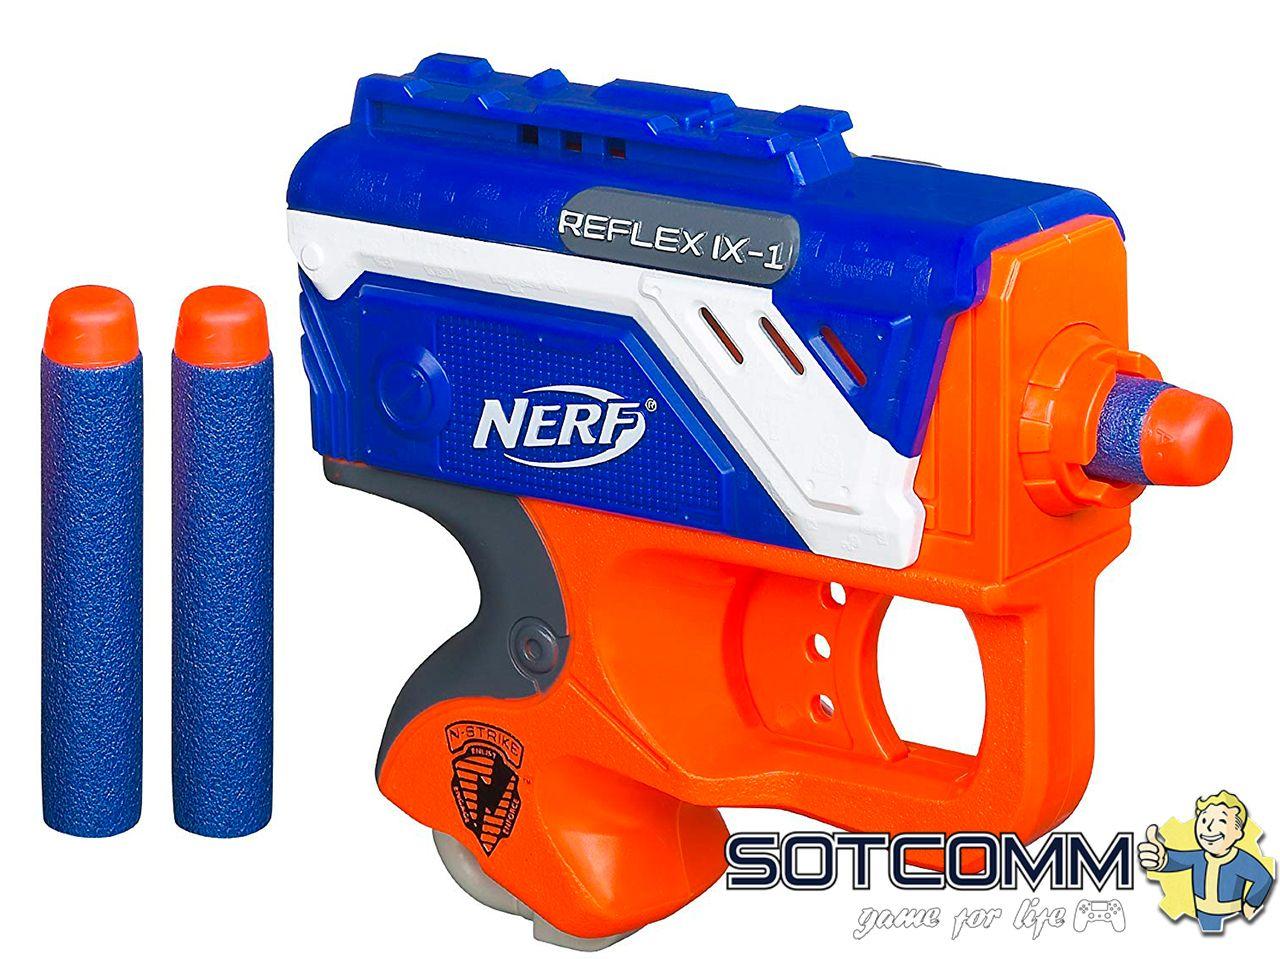 Nerf Reflex Ix-1 Челябинск